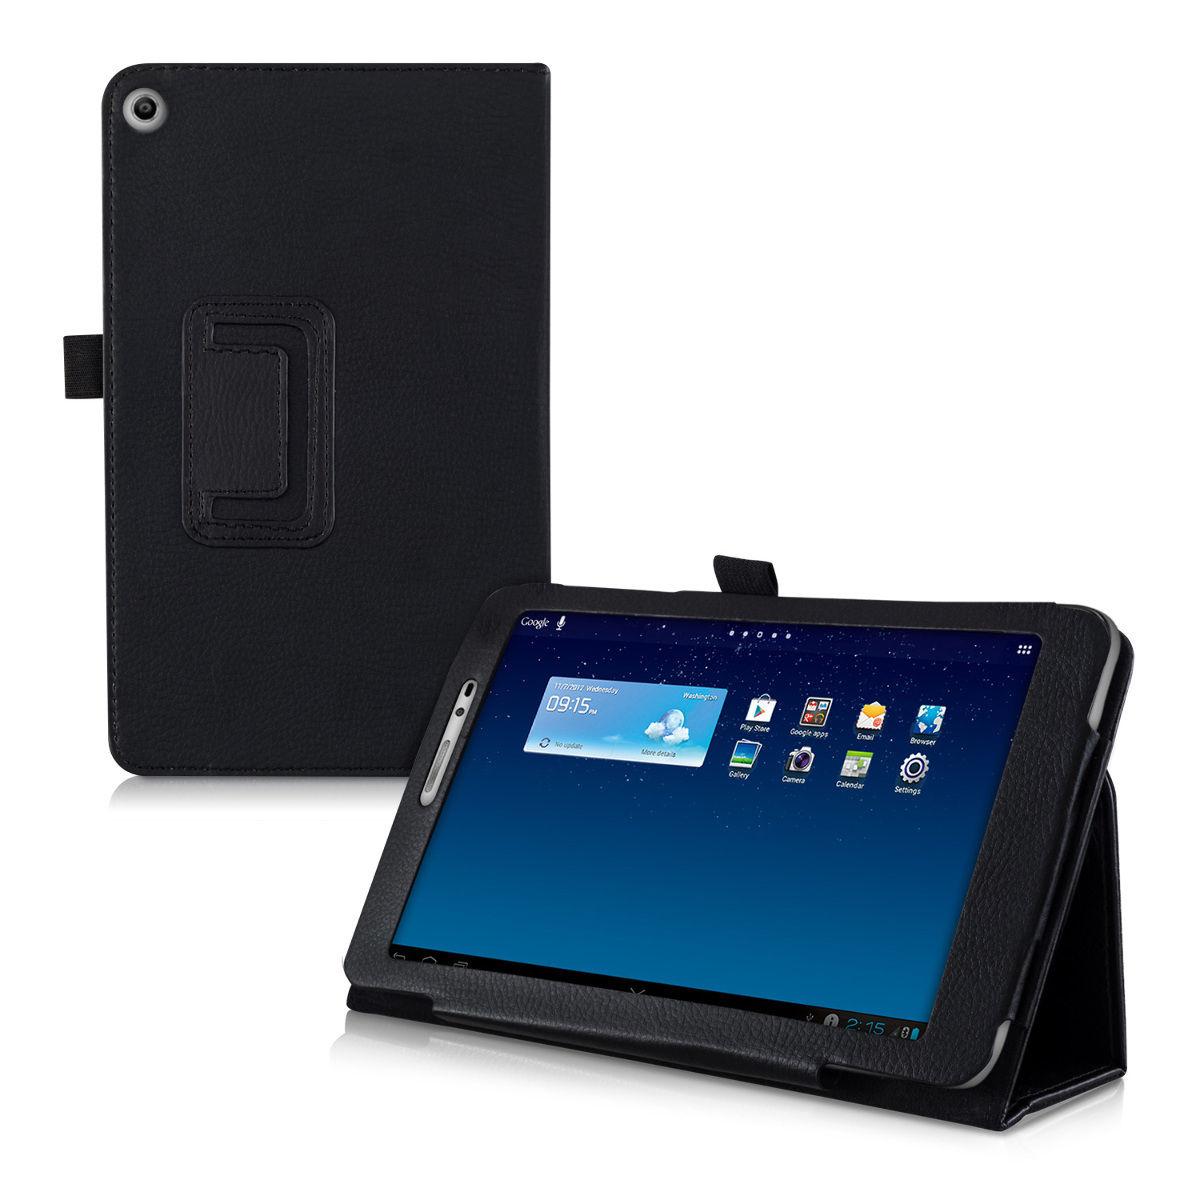 Pouzdro pro Huawei MediaPad T1 8.0 černé